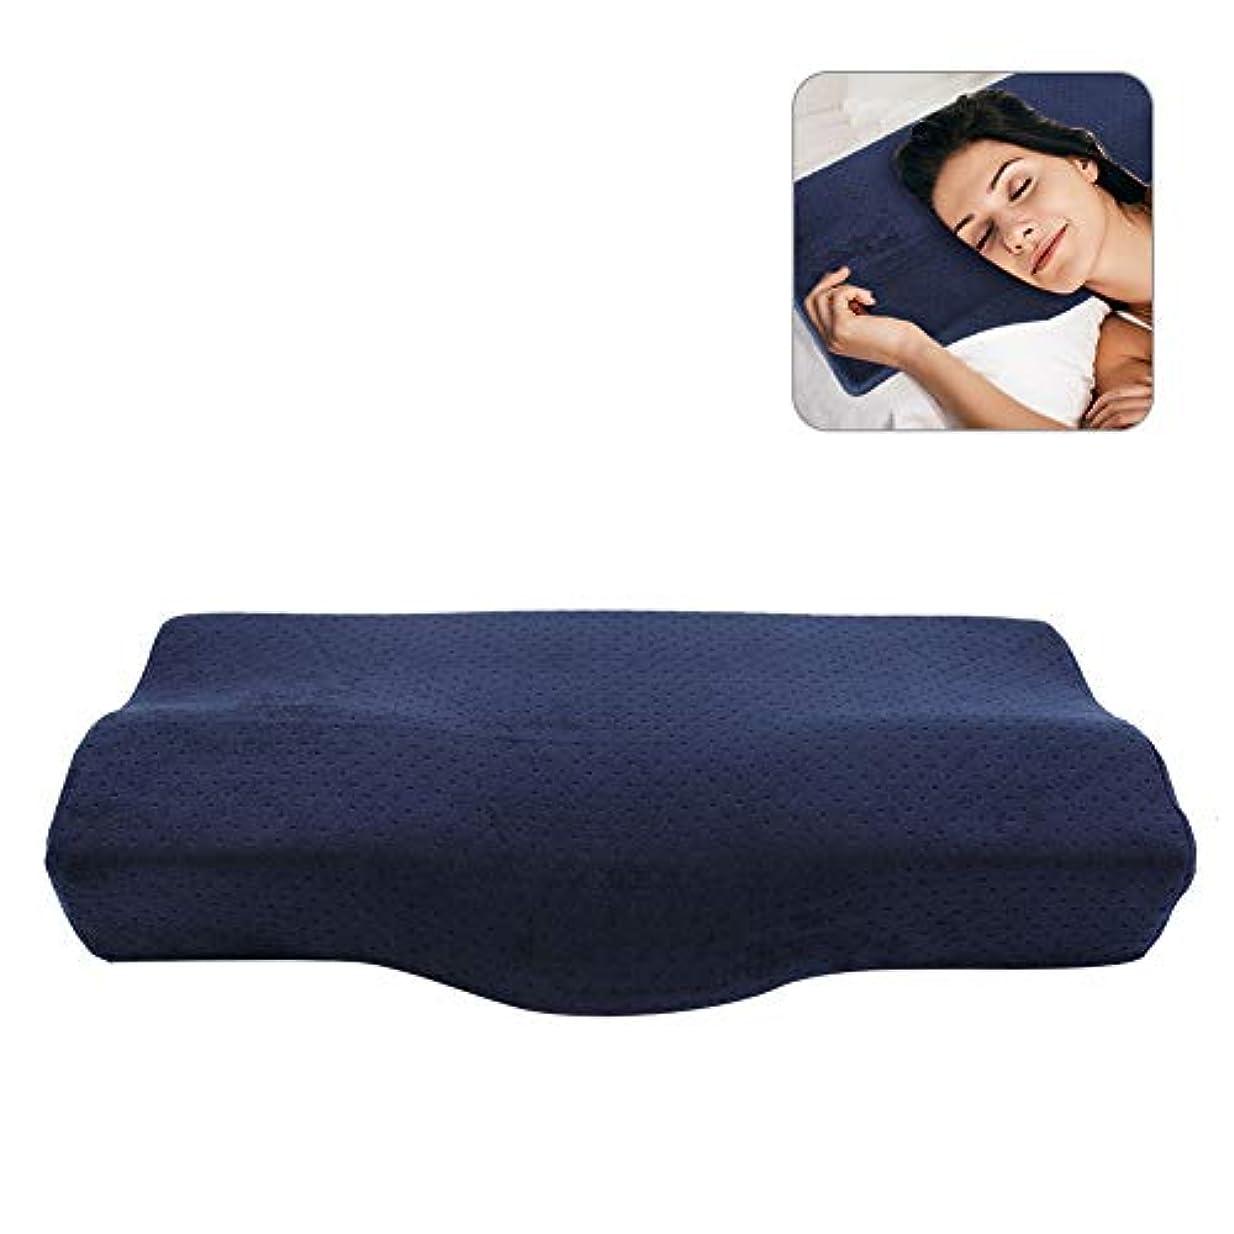 一致するエキゾチック不定枕 安眠 低反発枕 肩こり対策 頸椎サポート 肩こり対策 首?頭?肩 子供 大人向き 美容院&グラフトまつげ (ダークブルー)